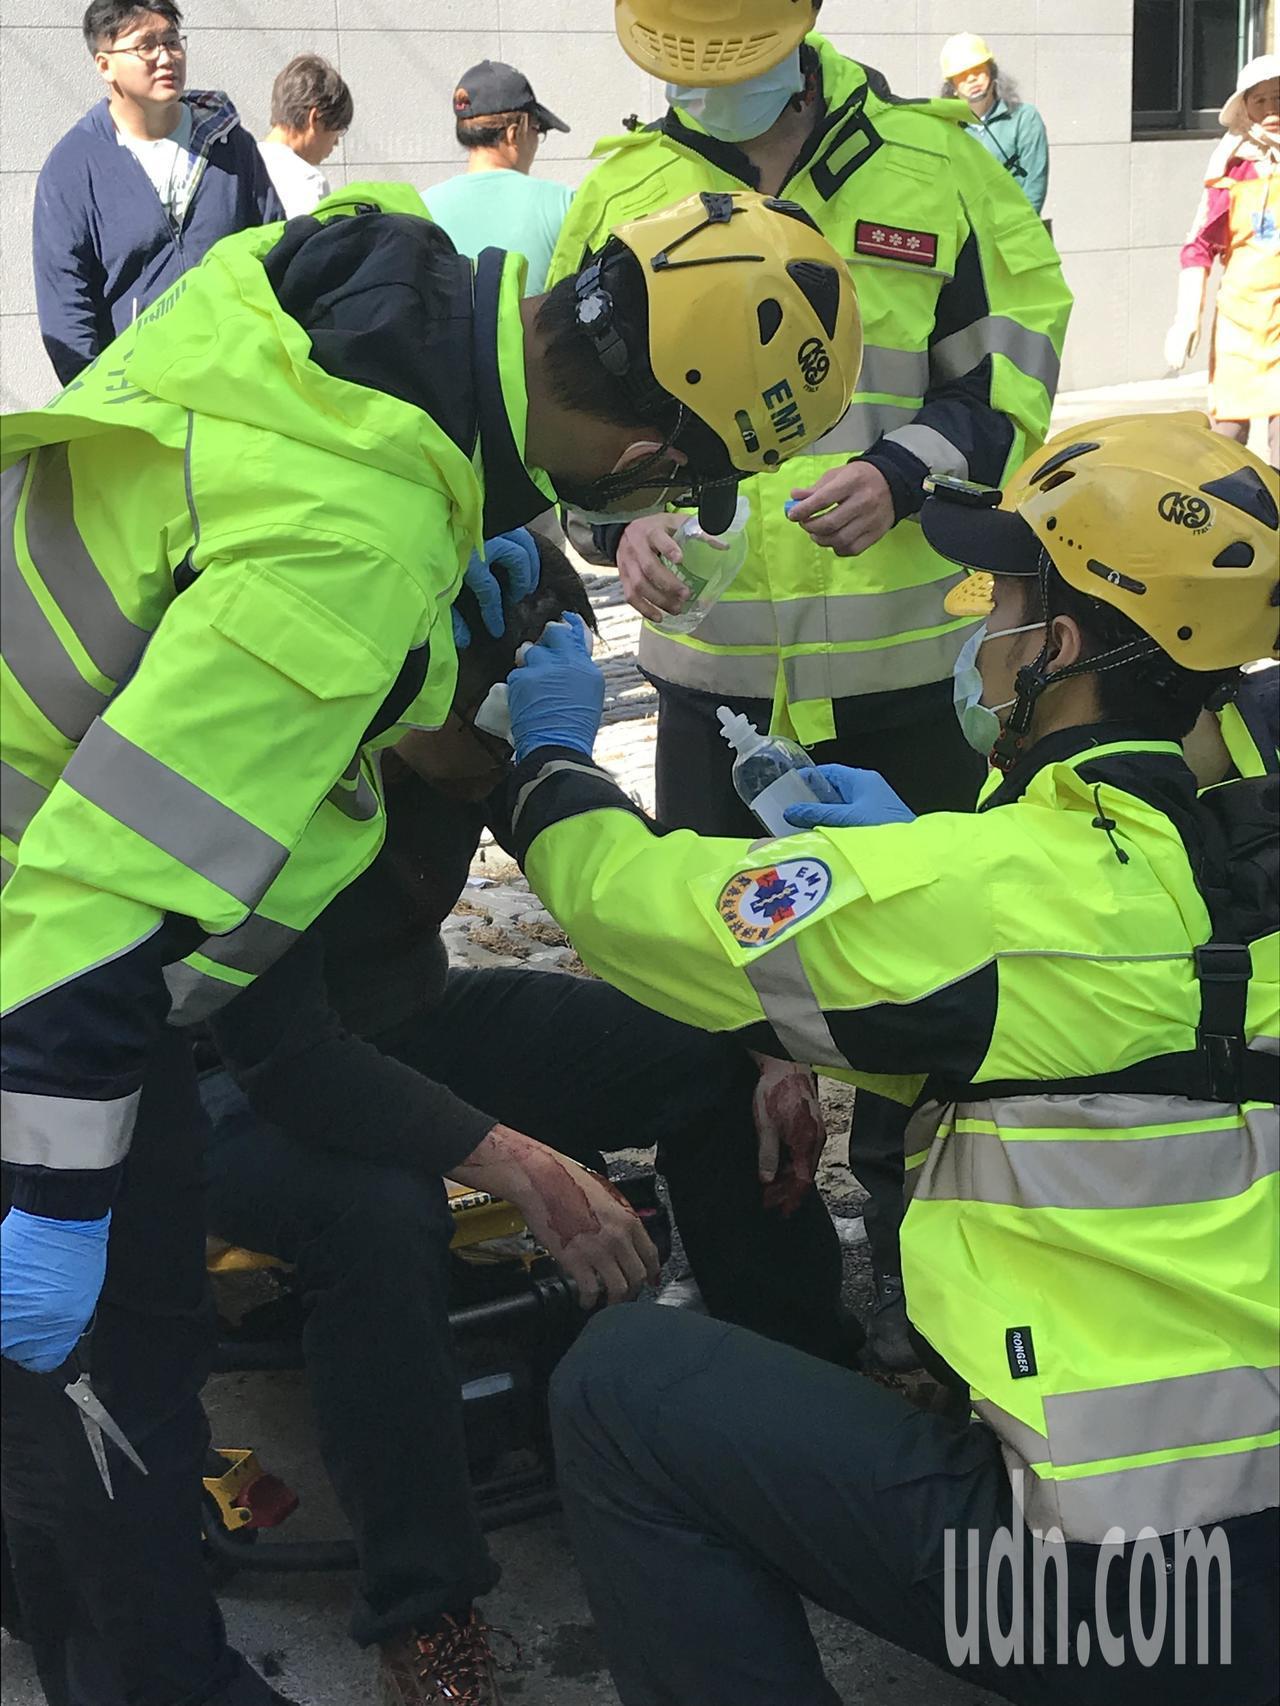 黃男頭部疑遭銳器劃傷,救護員現場替黃男清理傷口。記者林佩均/攝影